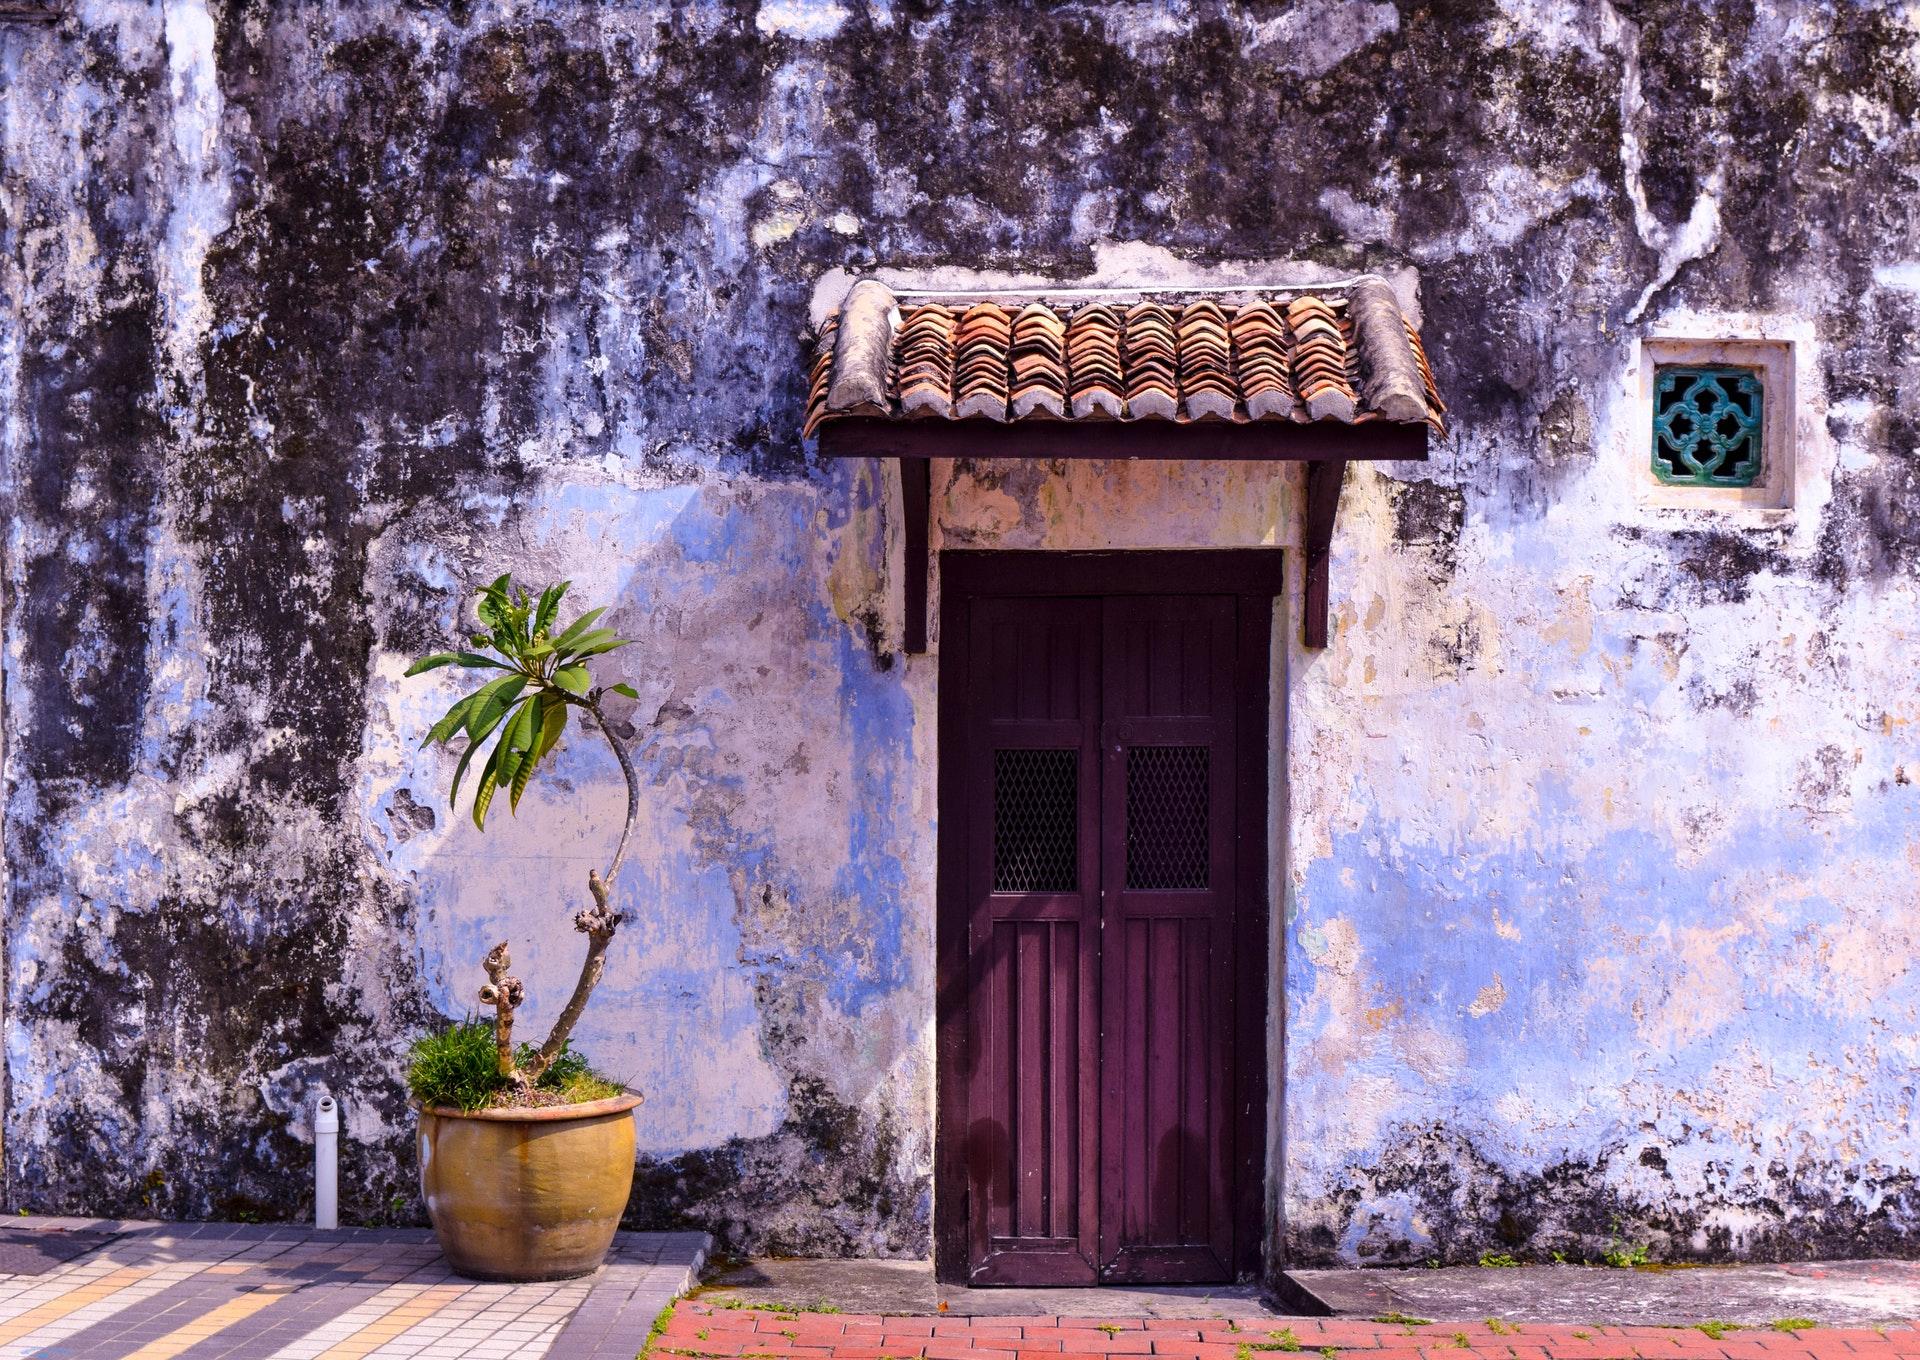 green-plants-beside-purple-wooden-door-2306365